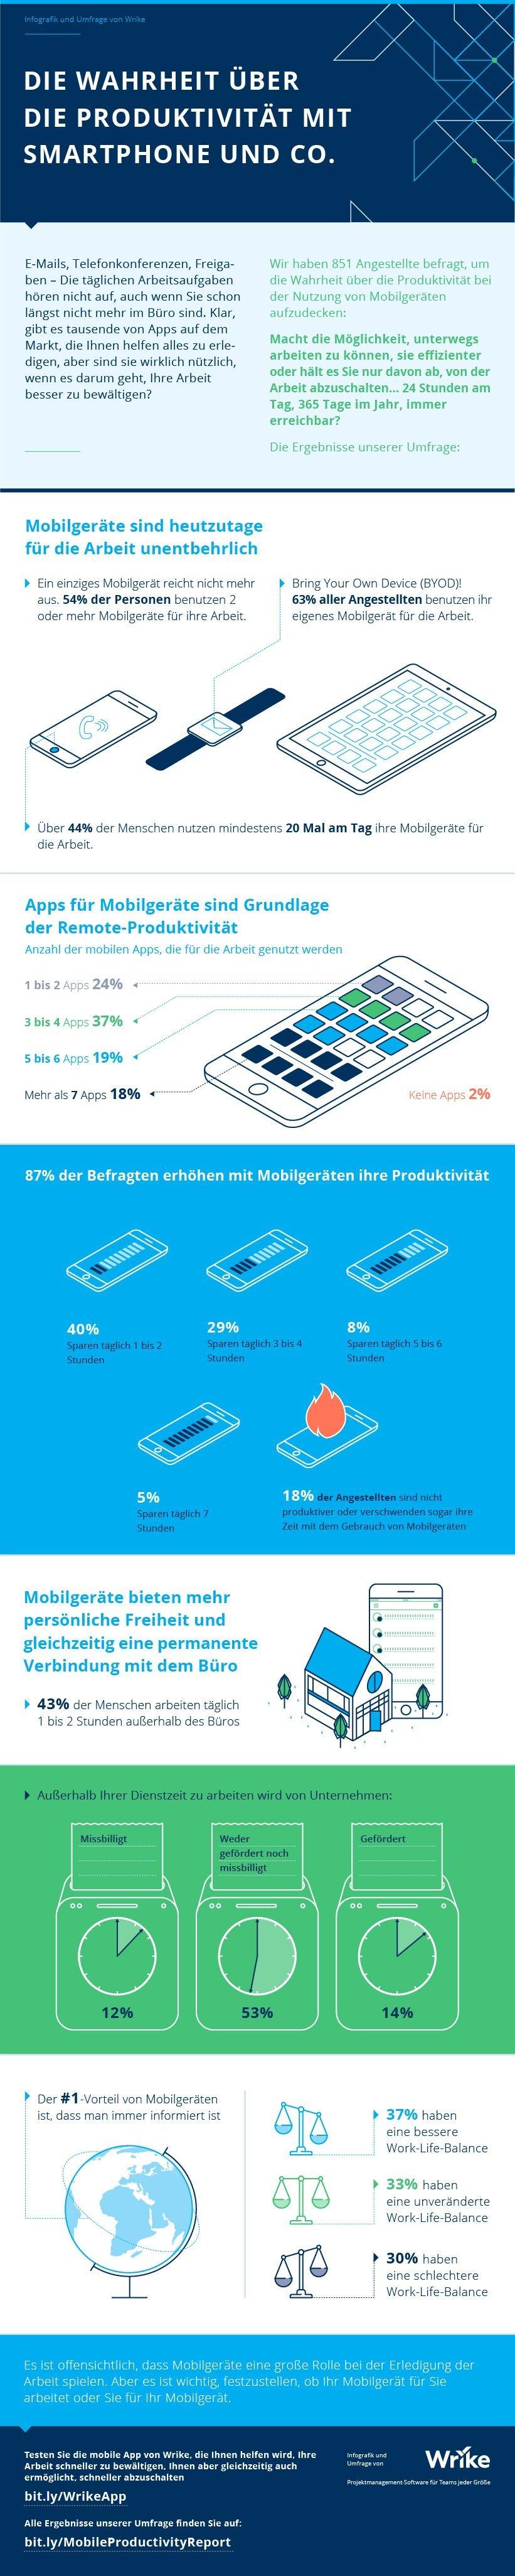 Hilft das Handy dir dabei, produktiver zu sein?